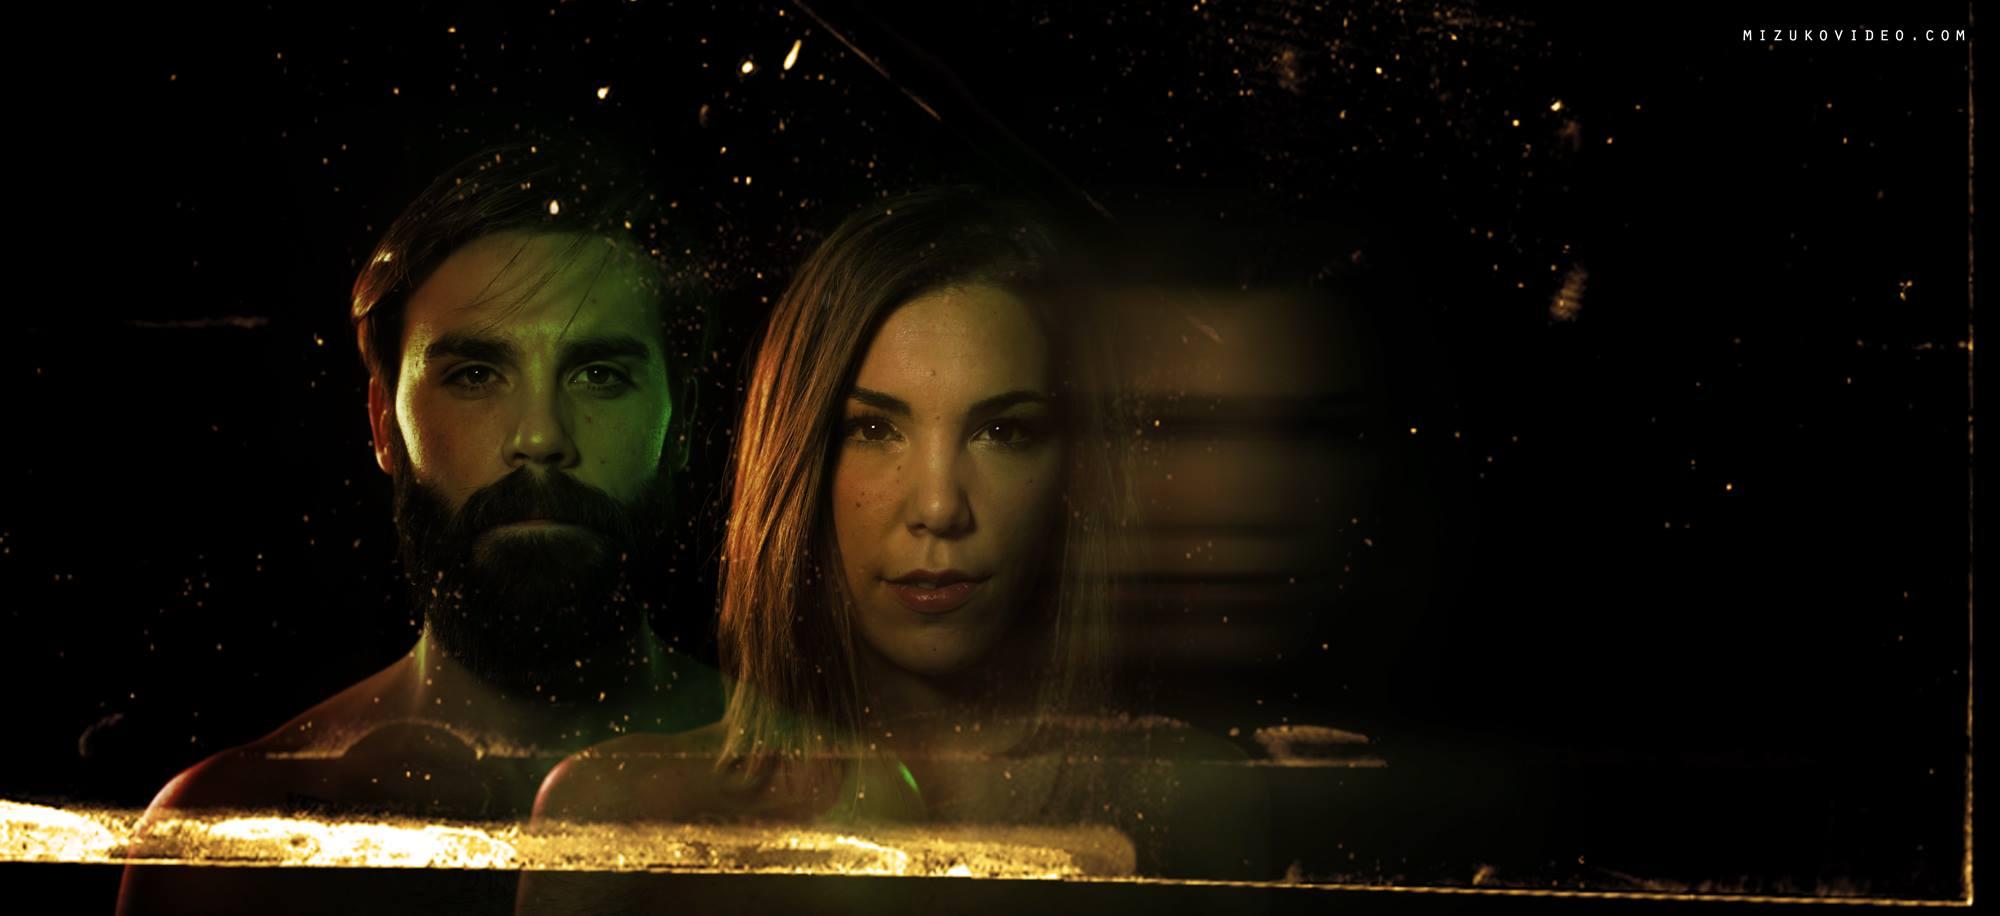 Samantha&Stefano.